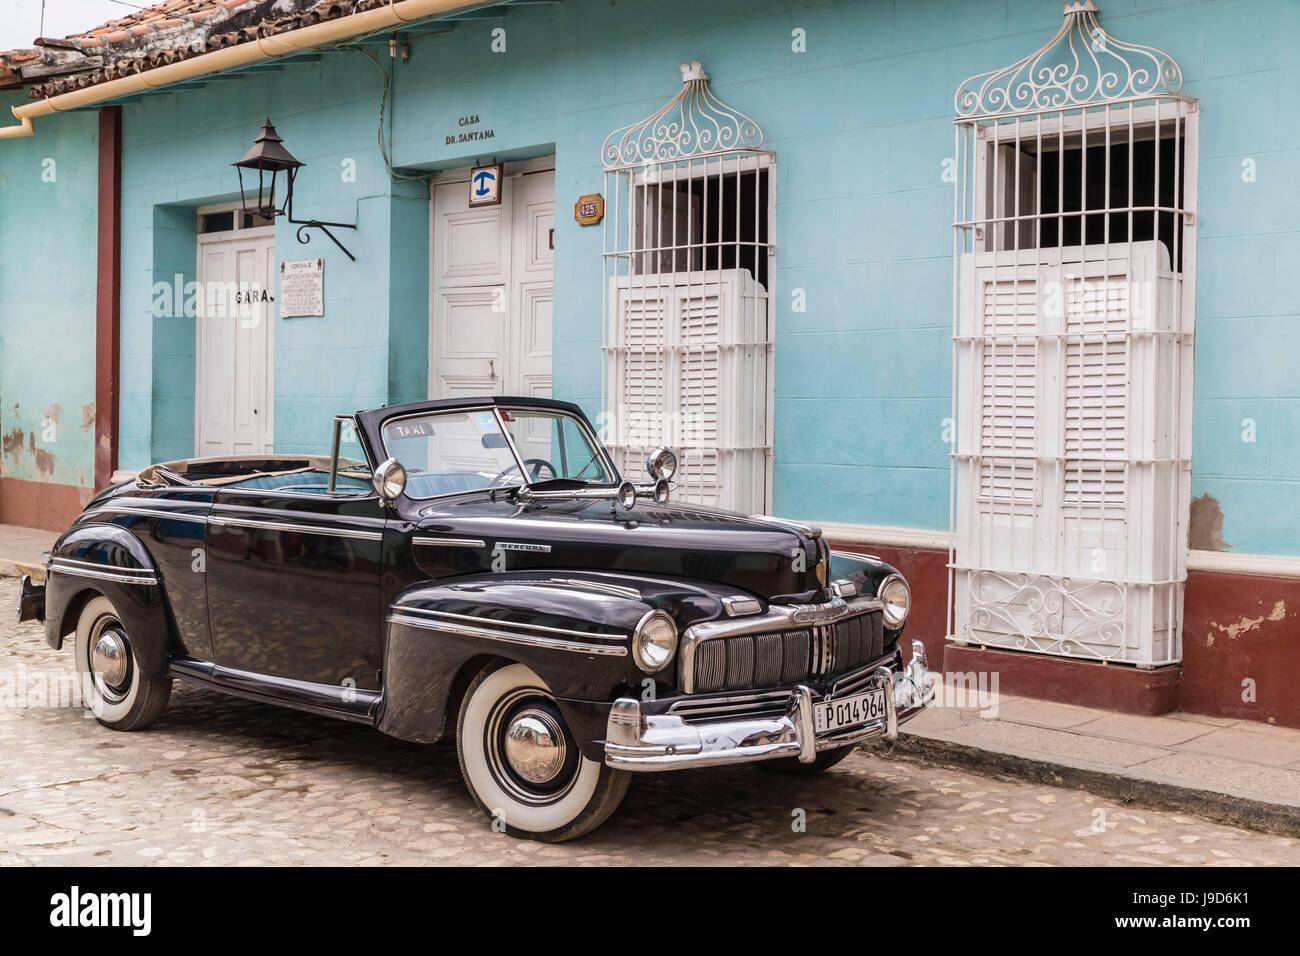 Ein Jahrgang 1948 American Mercury acht arbeiten als ein Taxi in die Stadt von Trinidad, UNESCO, Kuba, West Indies, Stockbild